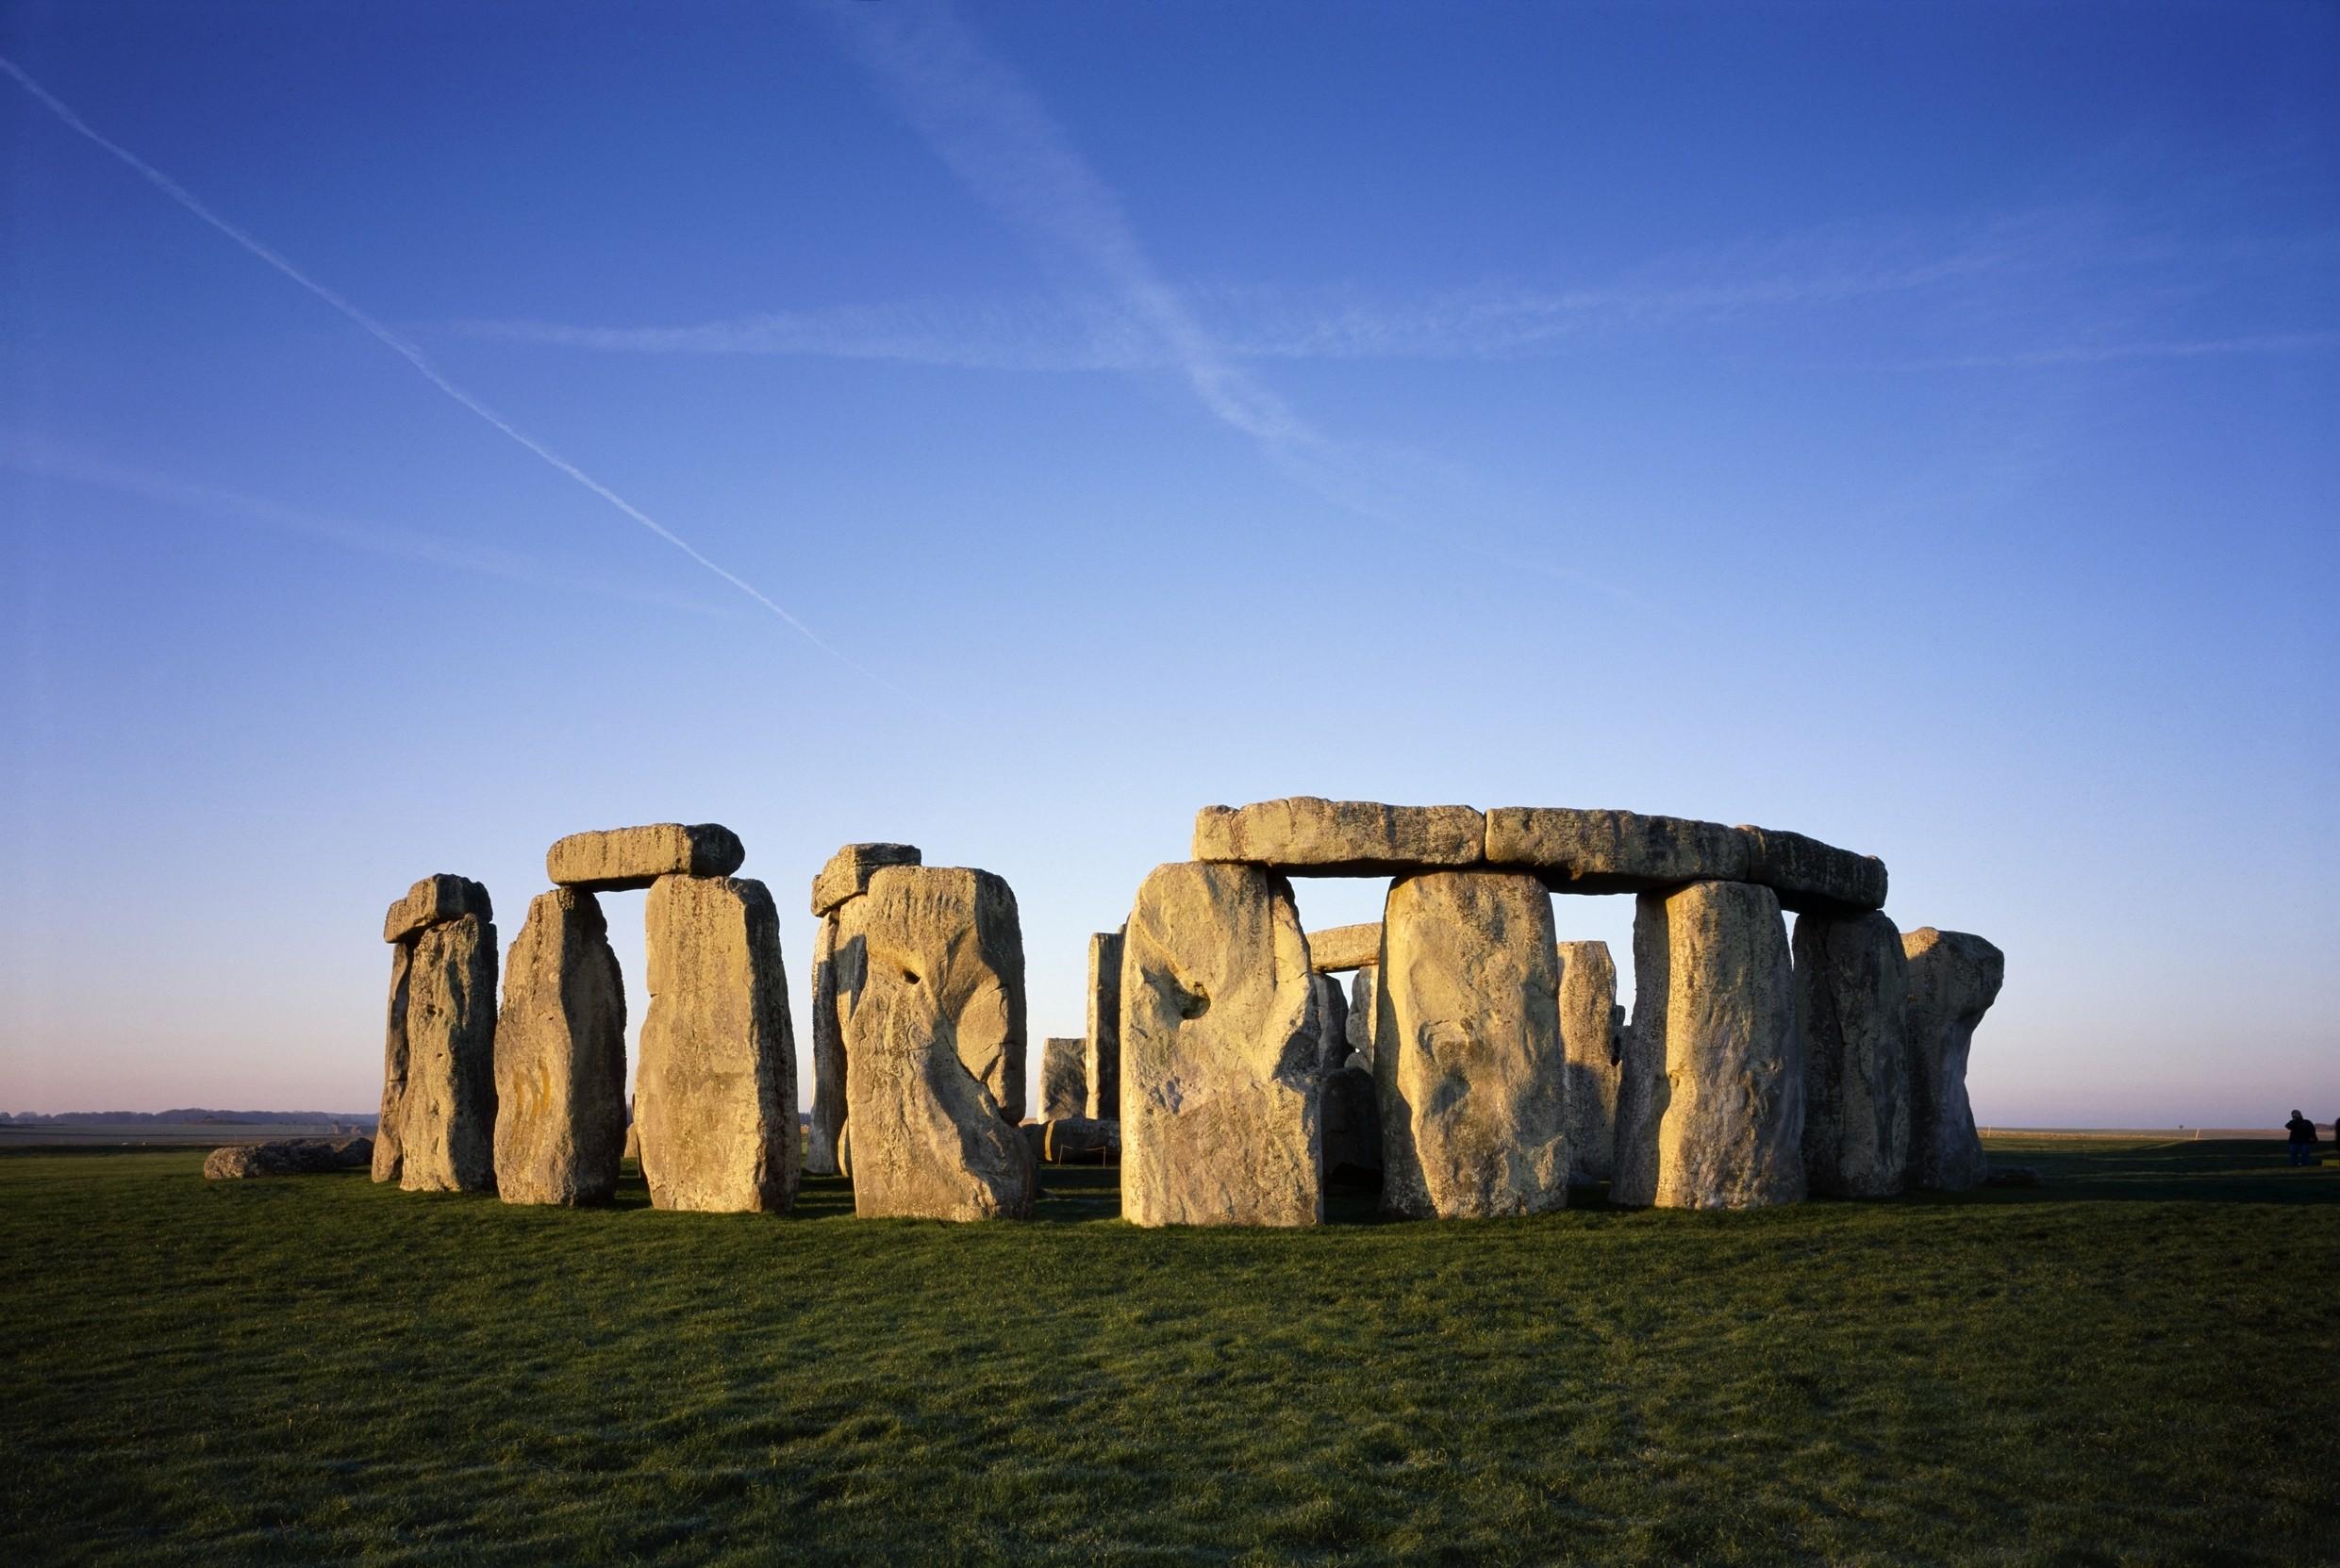 South west stonehenge k021102 1